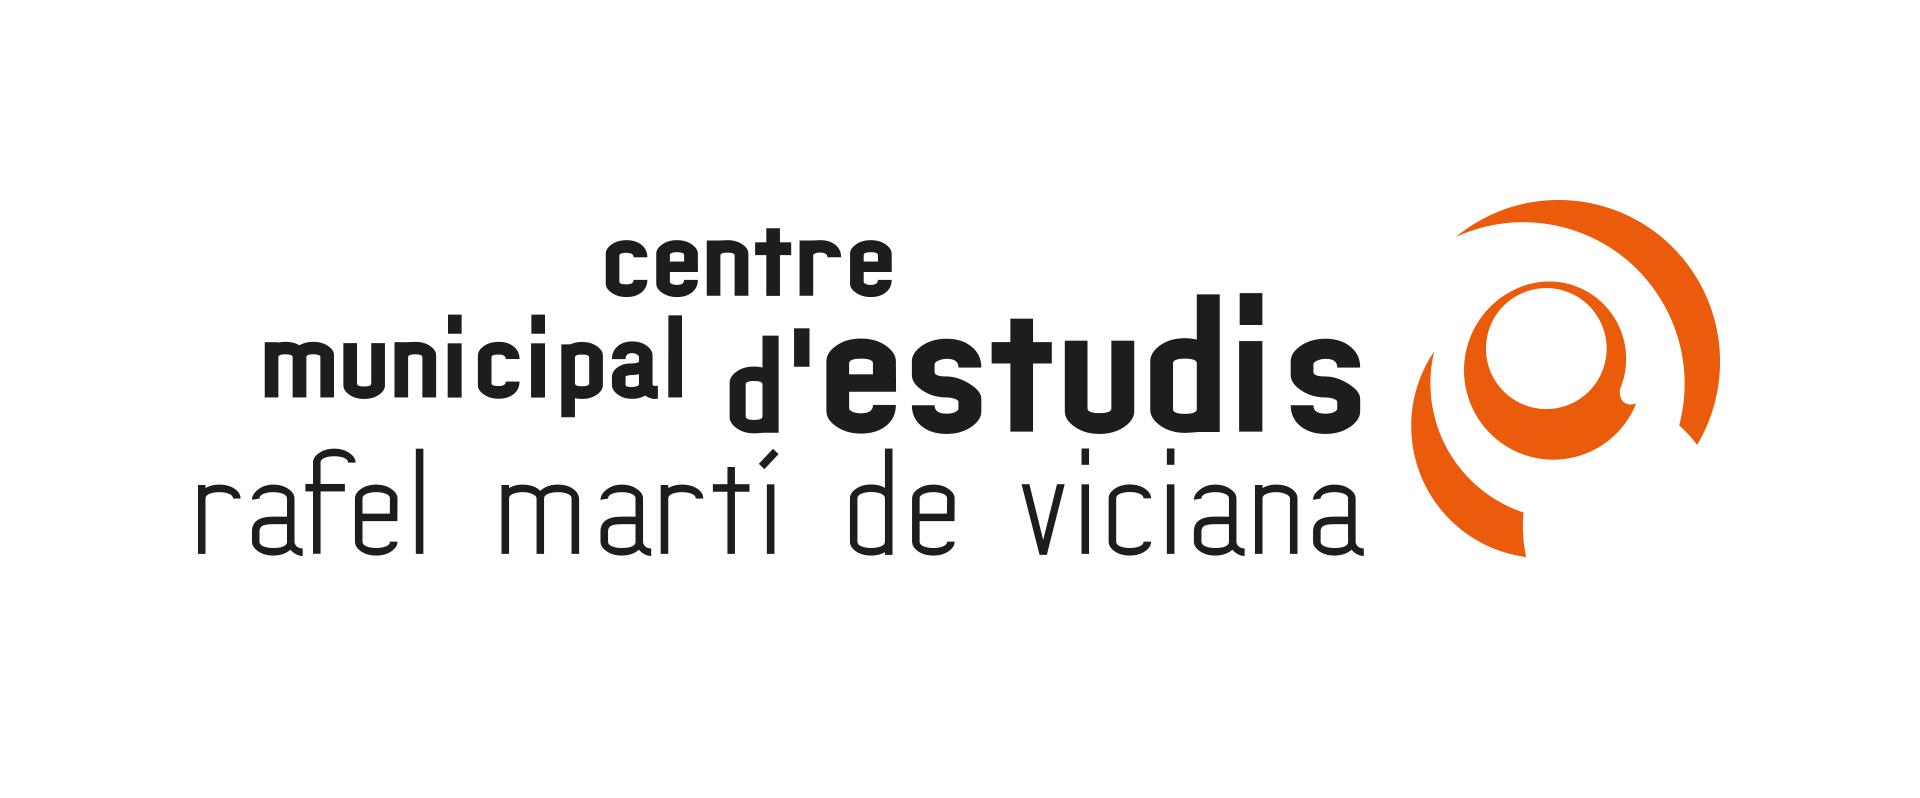 Marca Centre Municipal d'Estudis Rafel Martí de Viciana